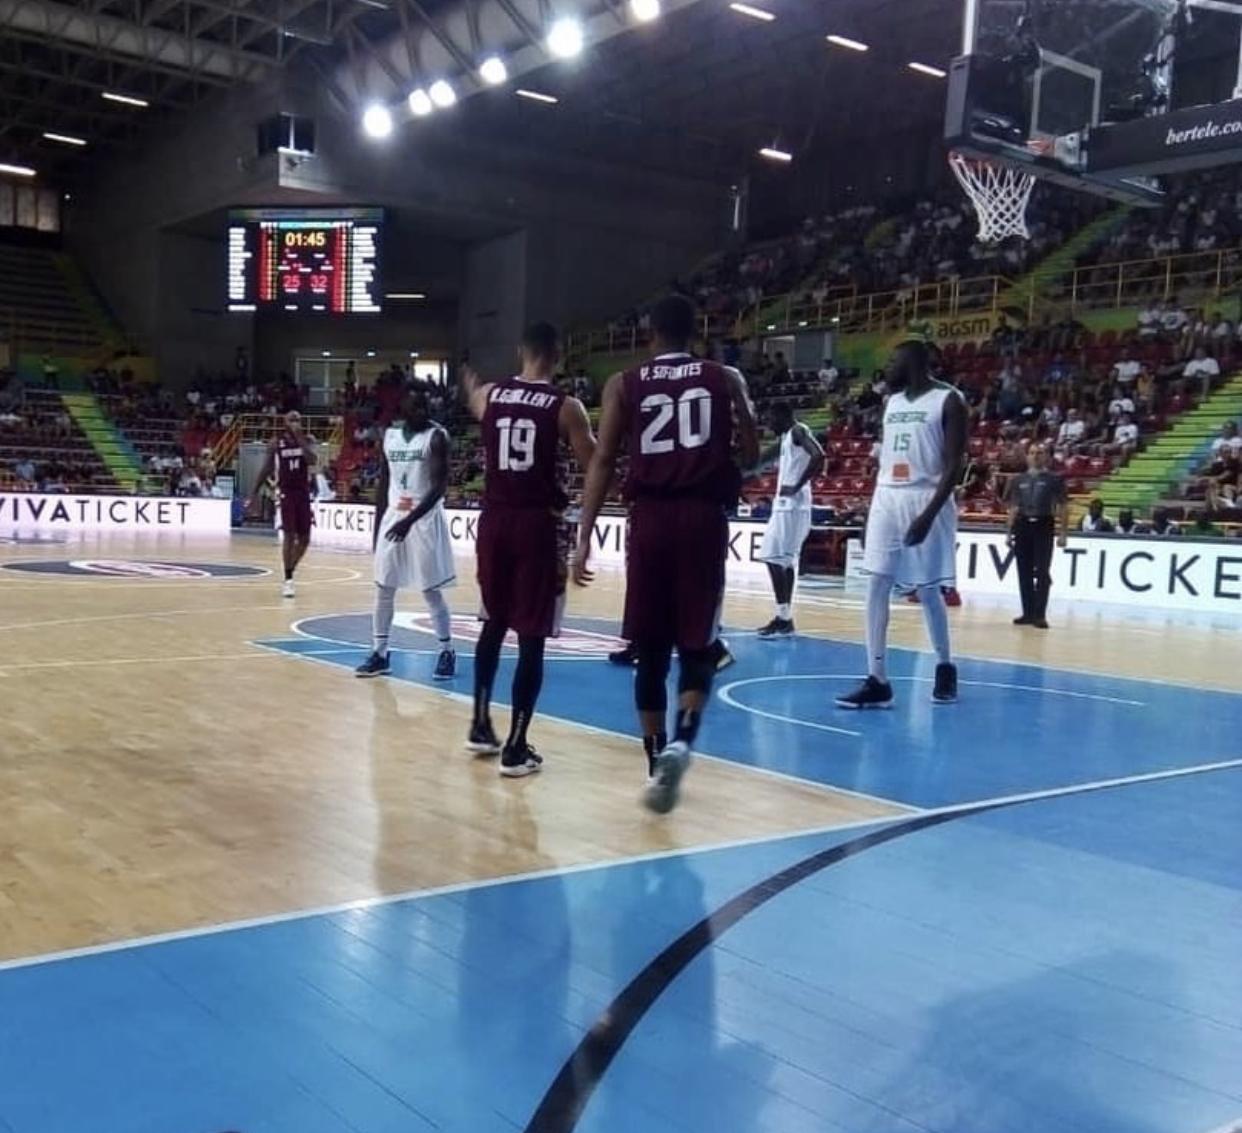 Verona Cup / Préparation Mondial de Basket : Le Sénégal bat le Venezuela 75 à 69